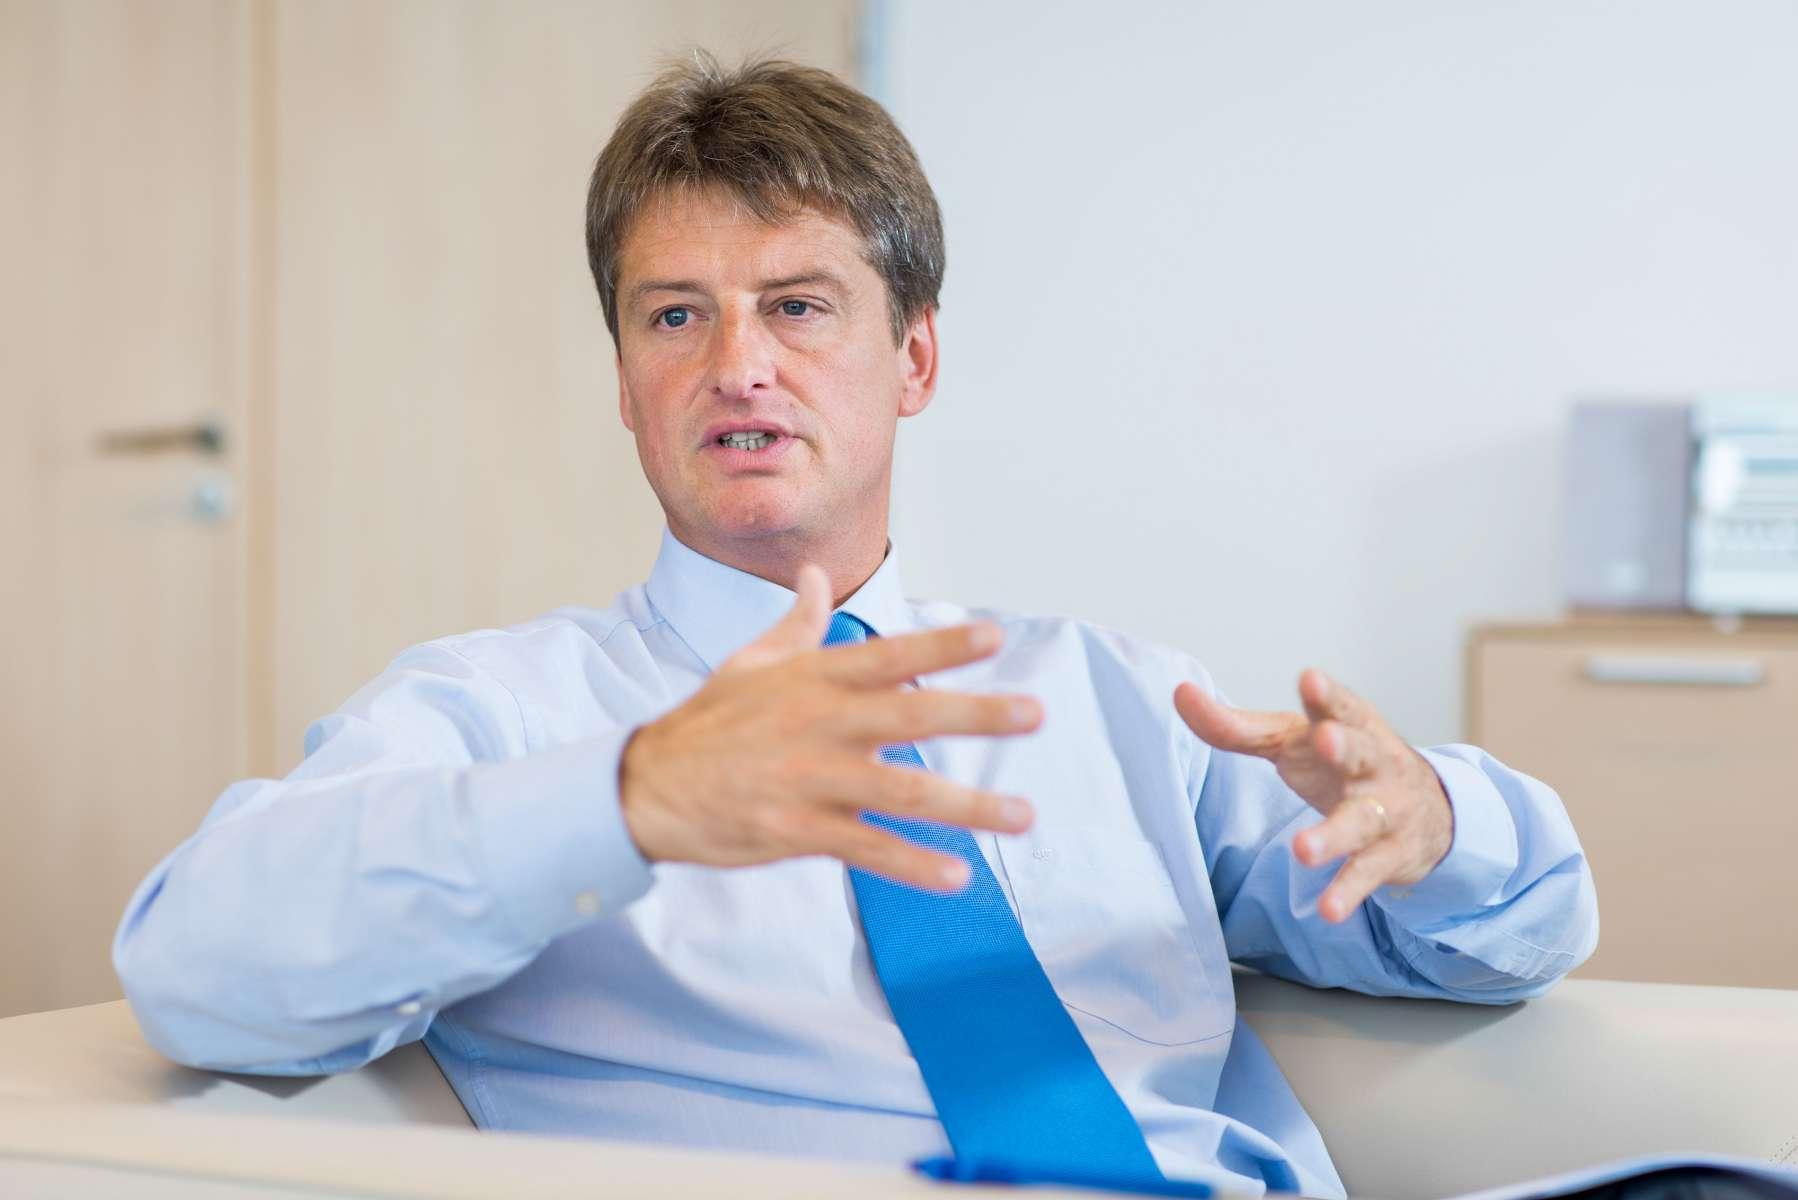 Pacte d'investissements : « Travailler tous ensemble dans le même objectif est essentiel »